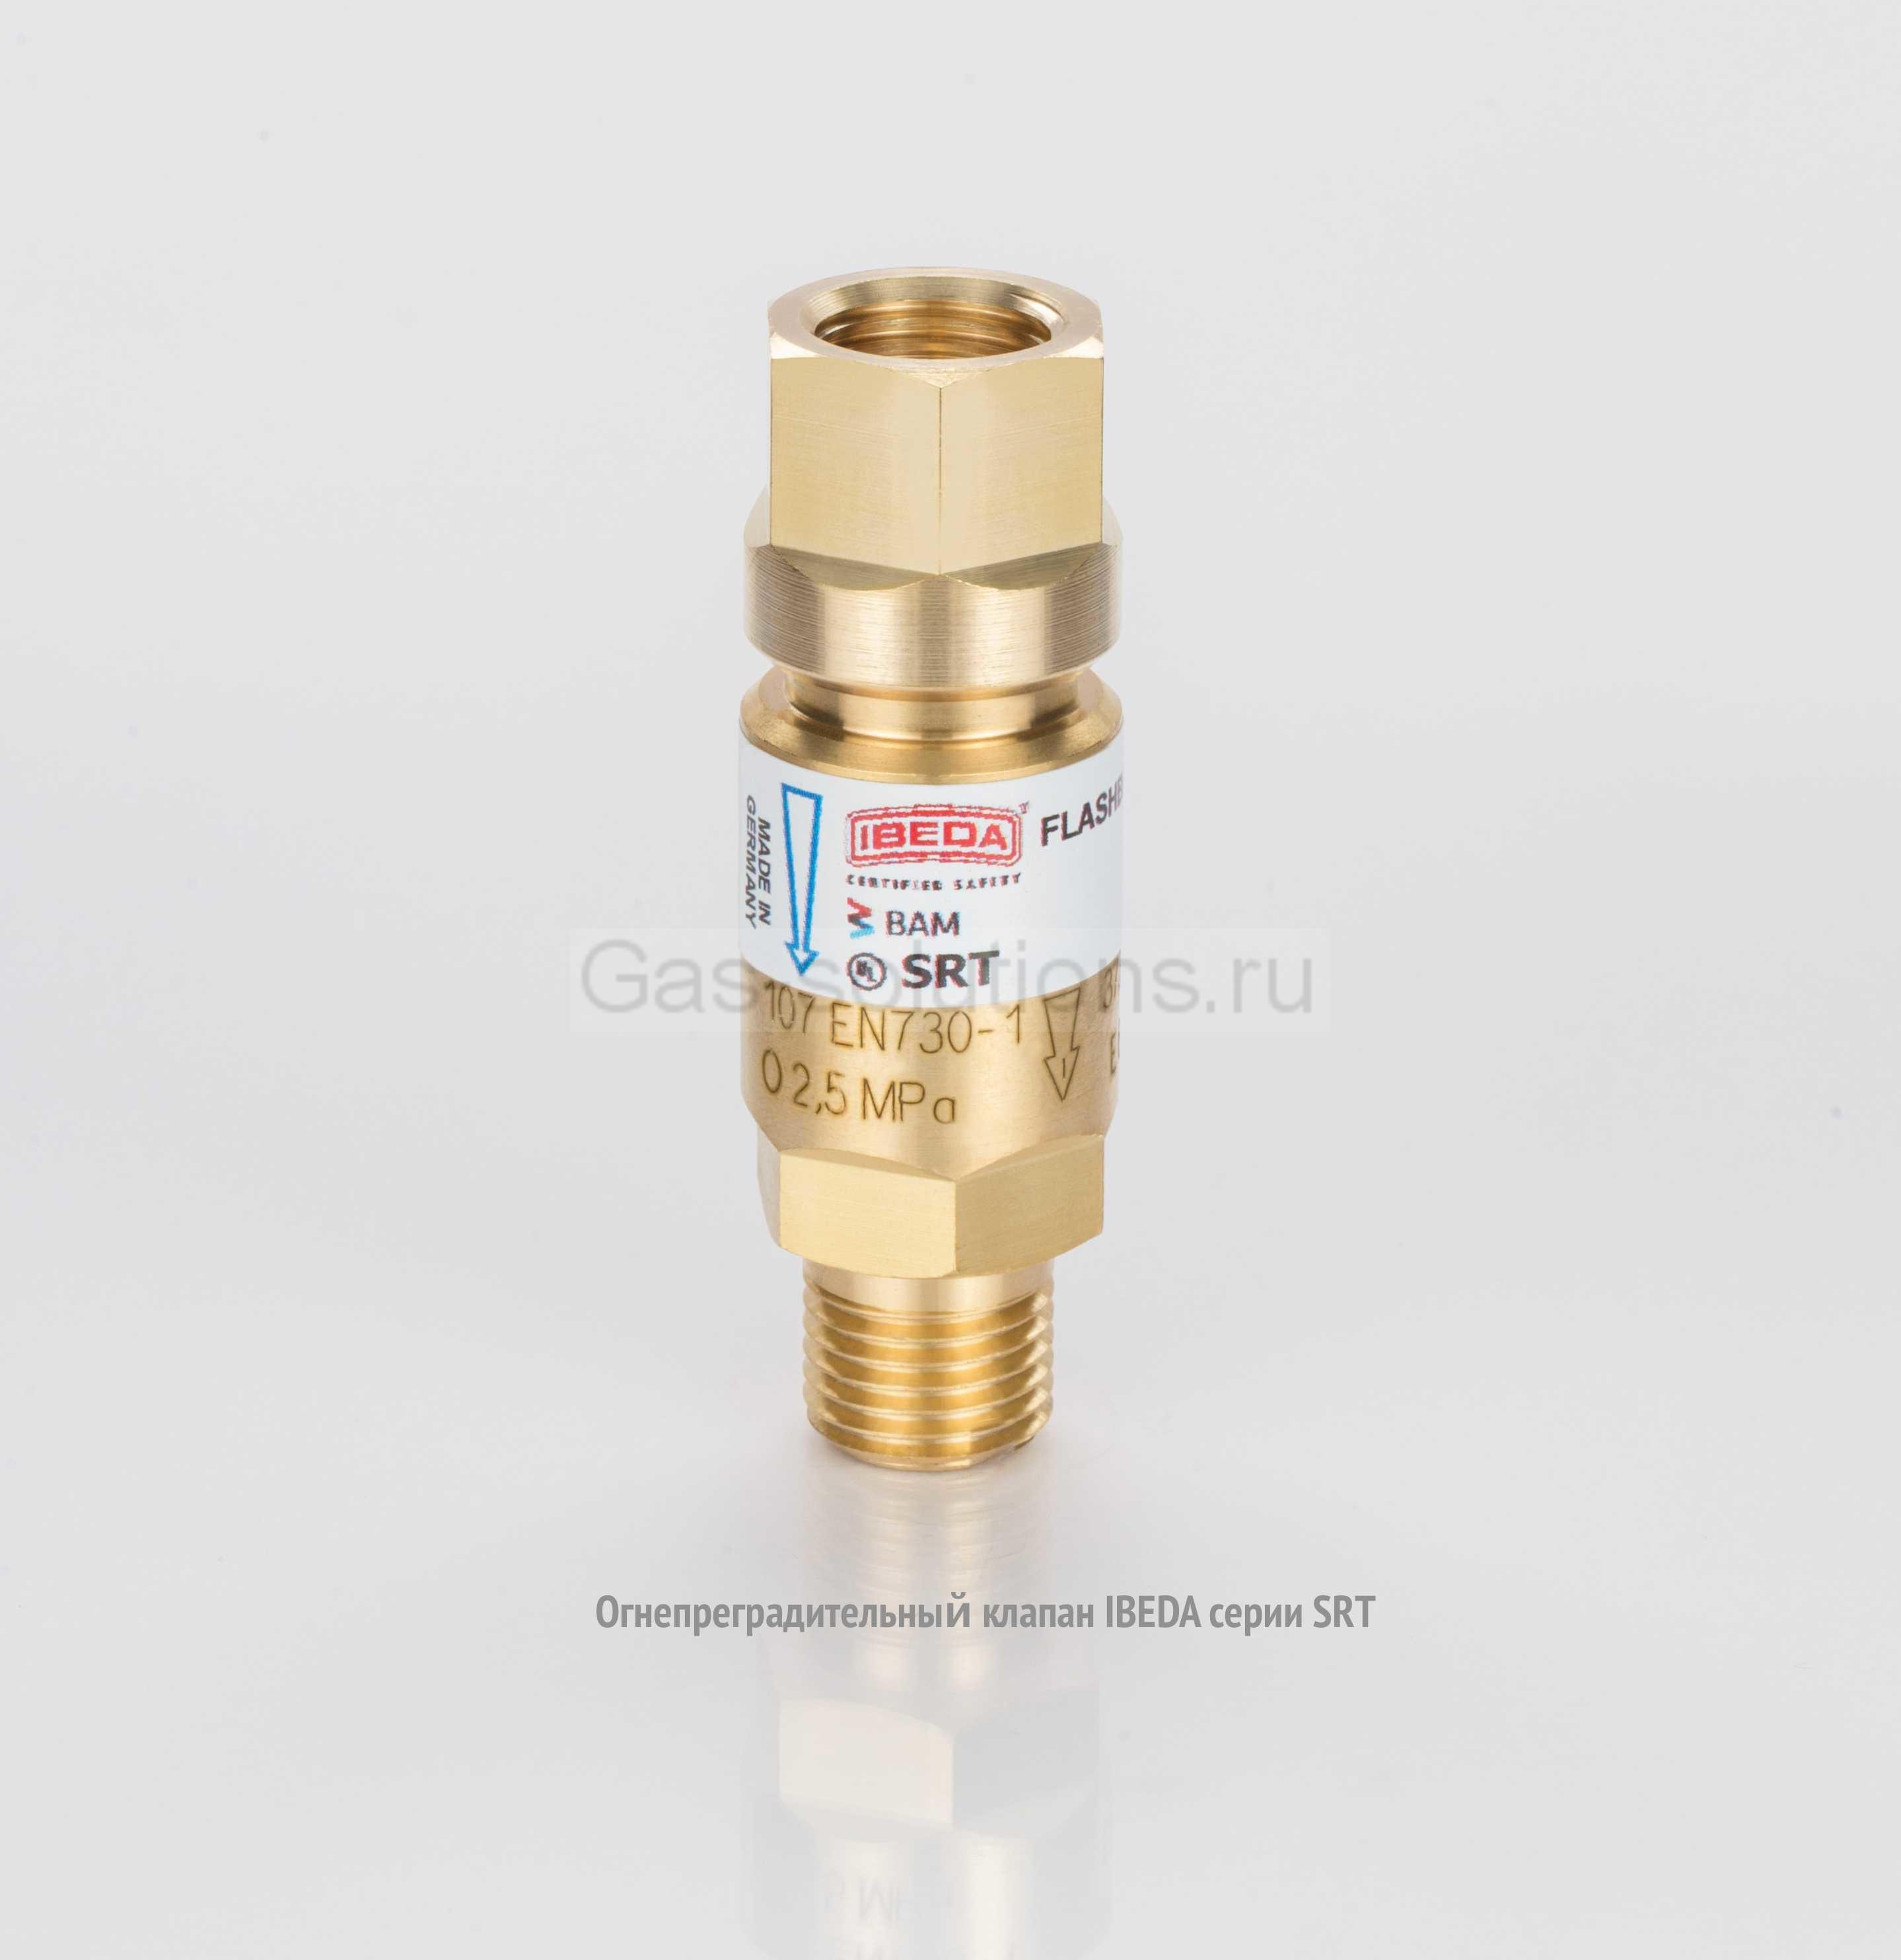 Огнепреградительный клапан IBEDA серии SRТ